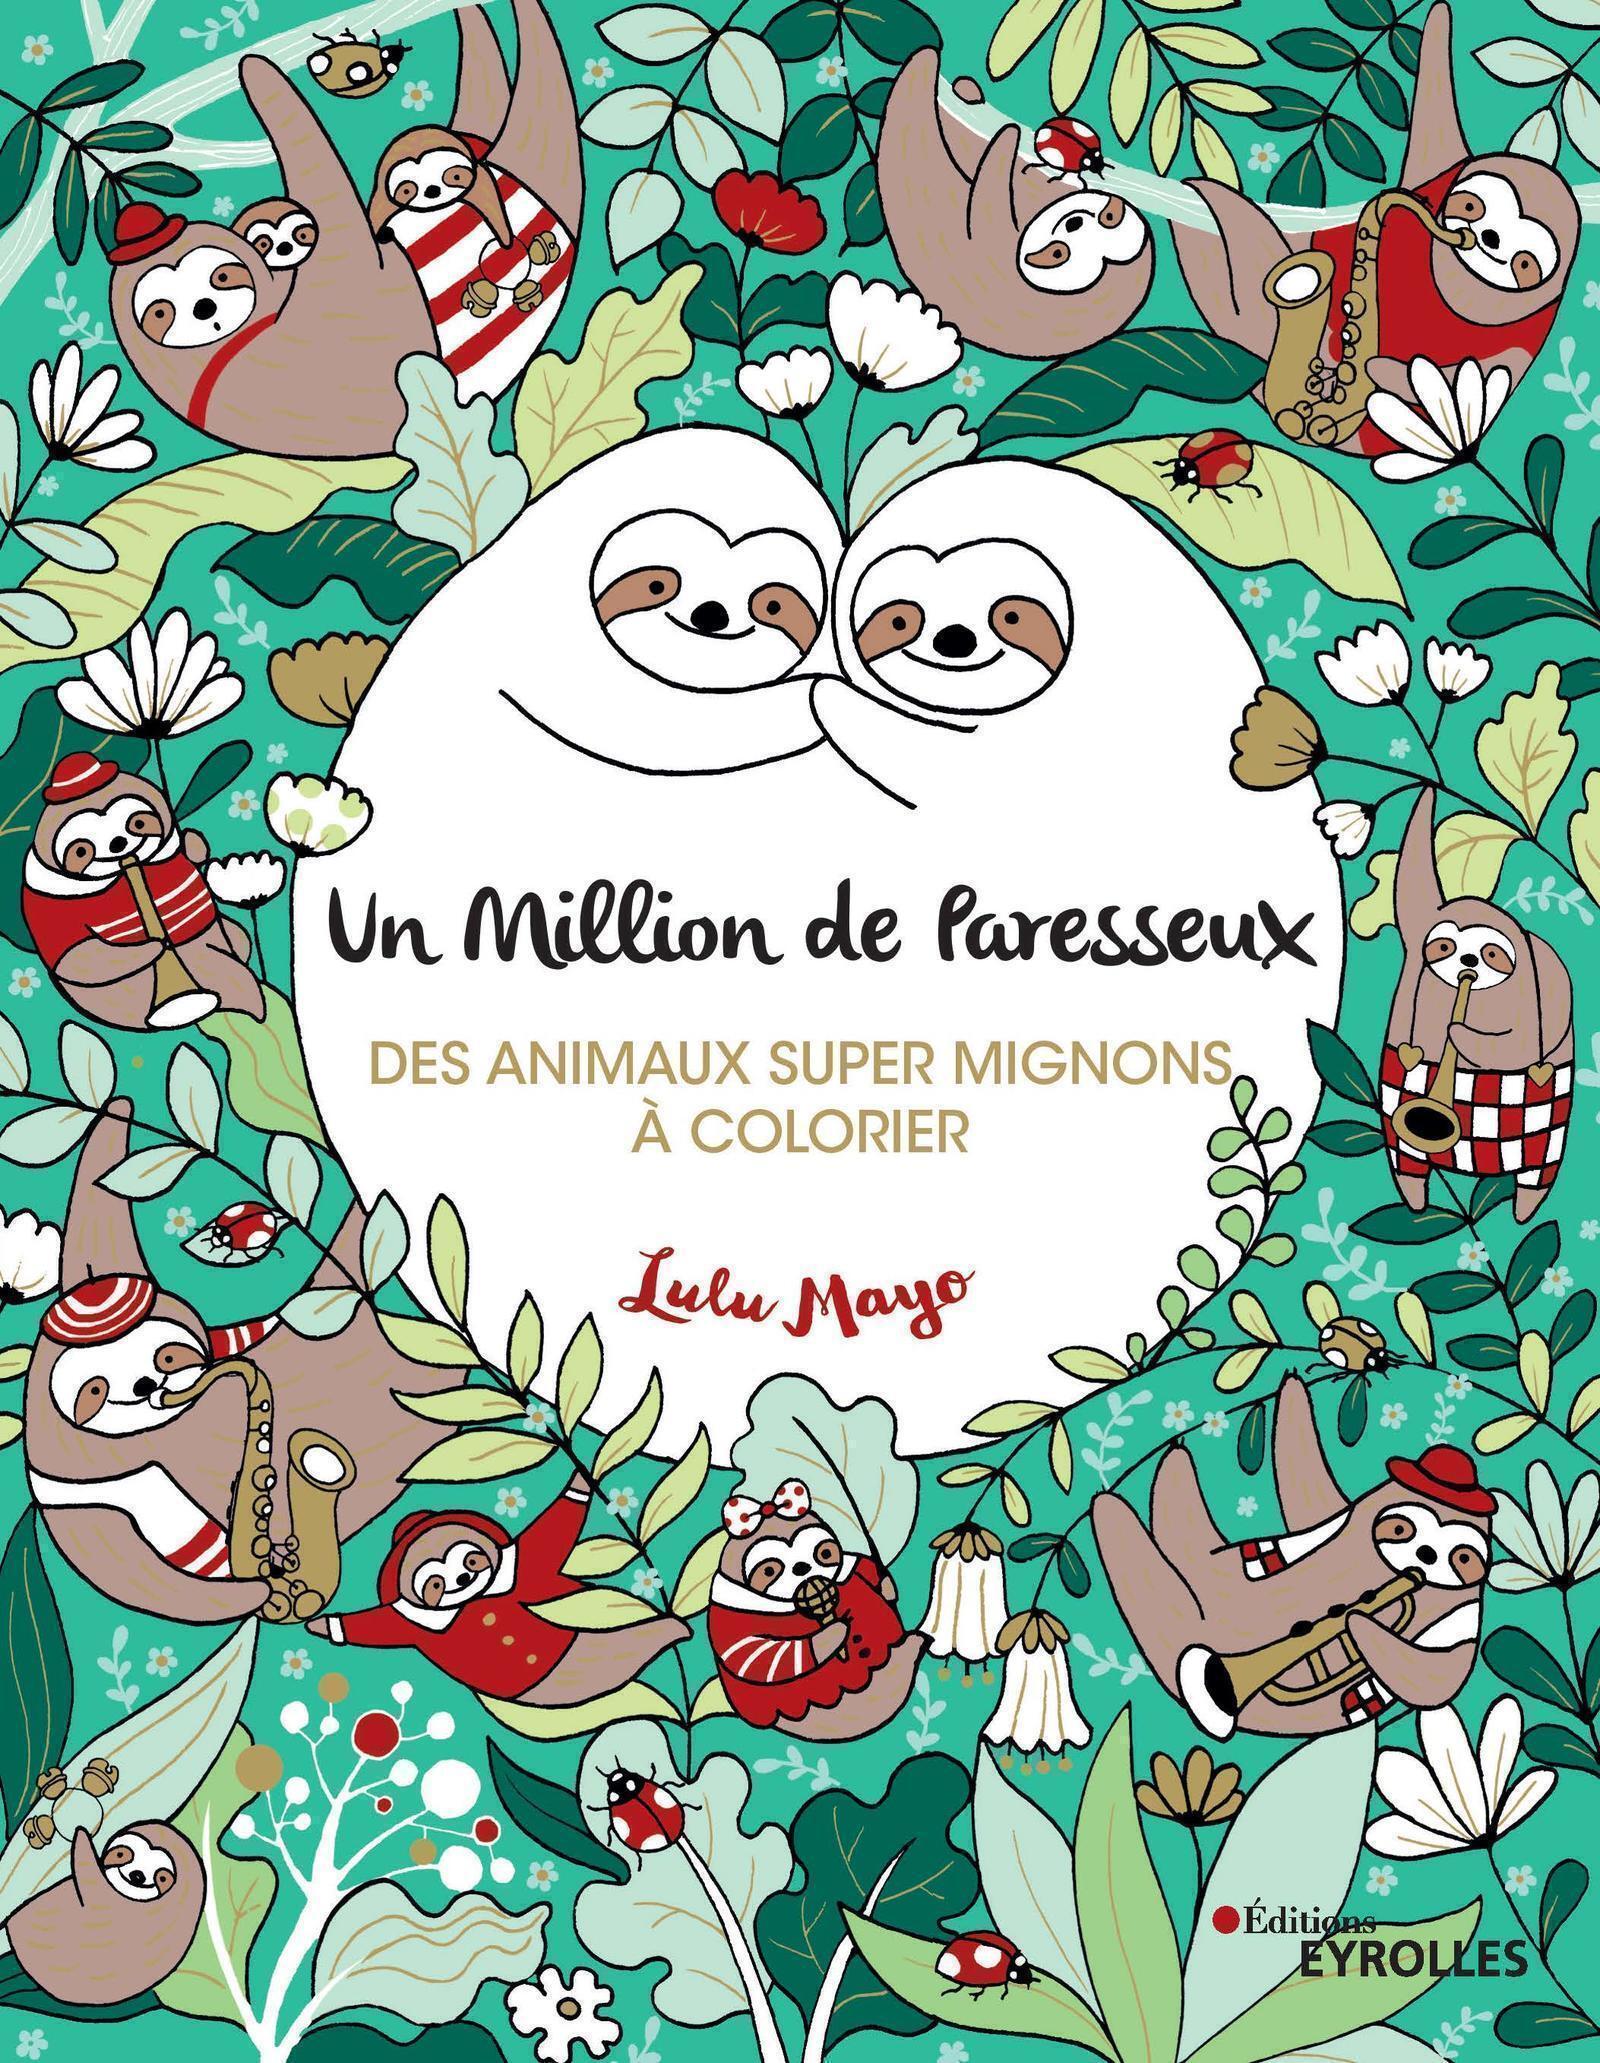 UN MILLION DE PARESSEUX - DES ANIMAUX SUPER MIGNONS A COLORIER